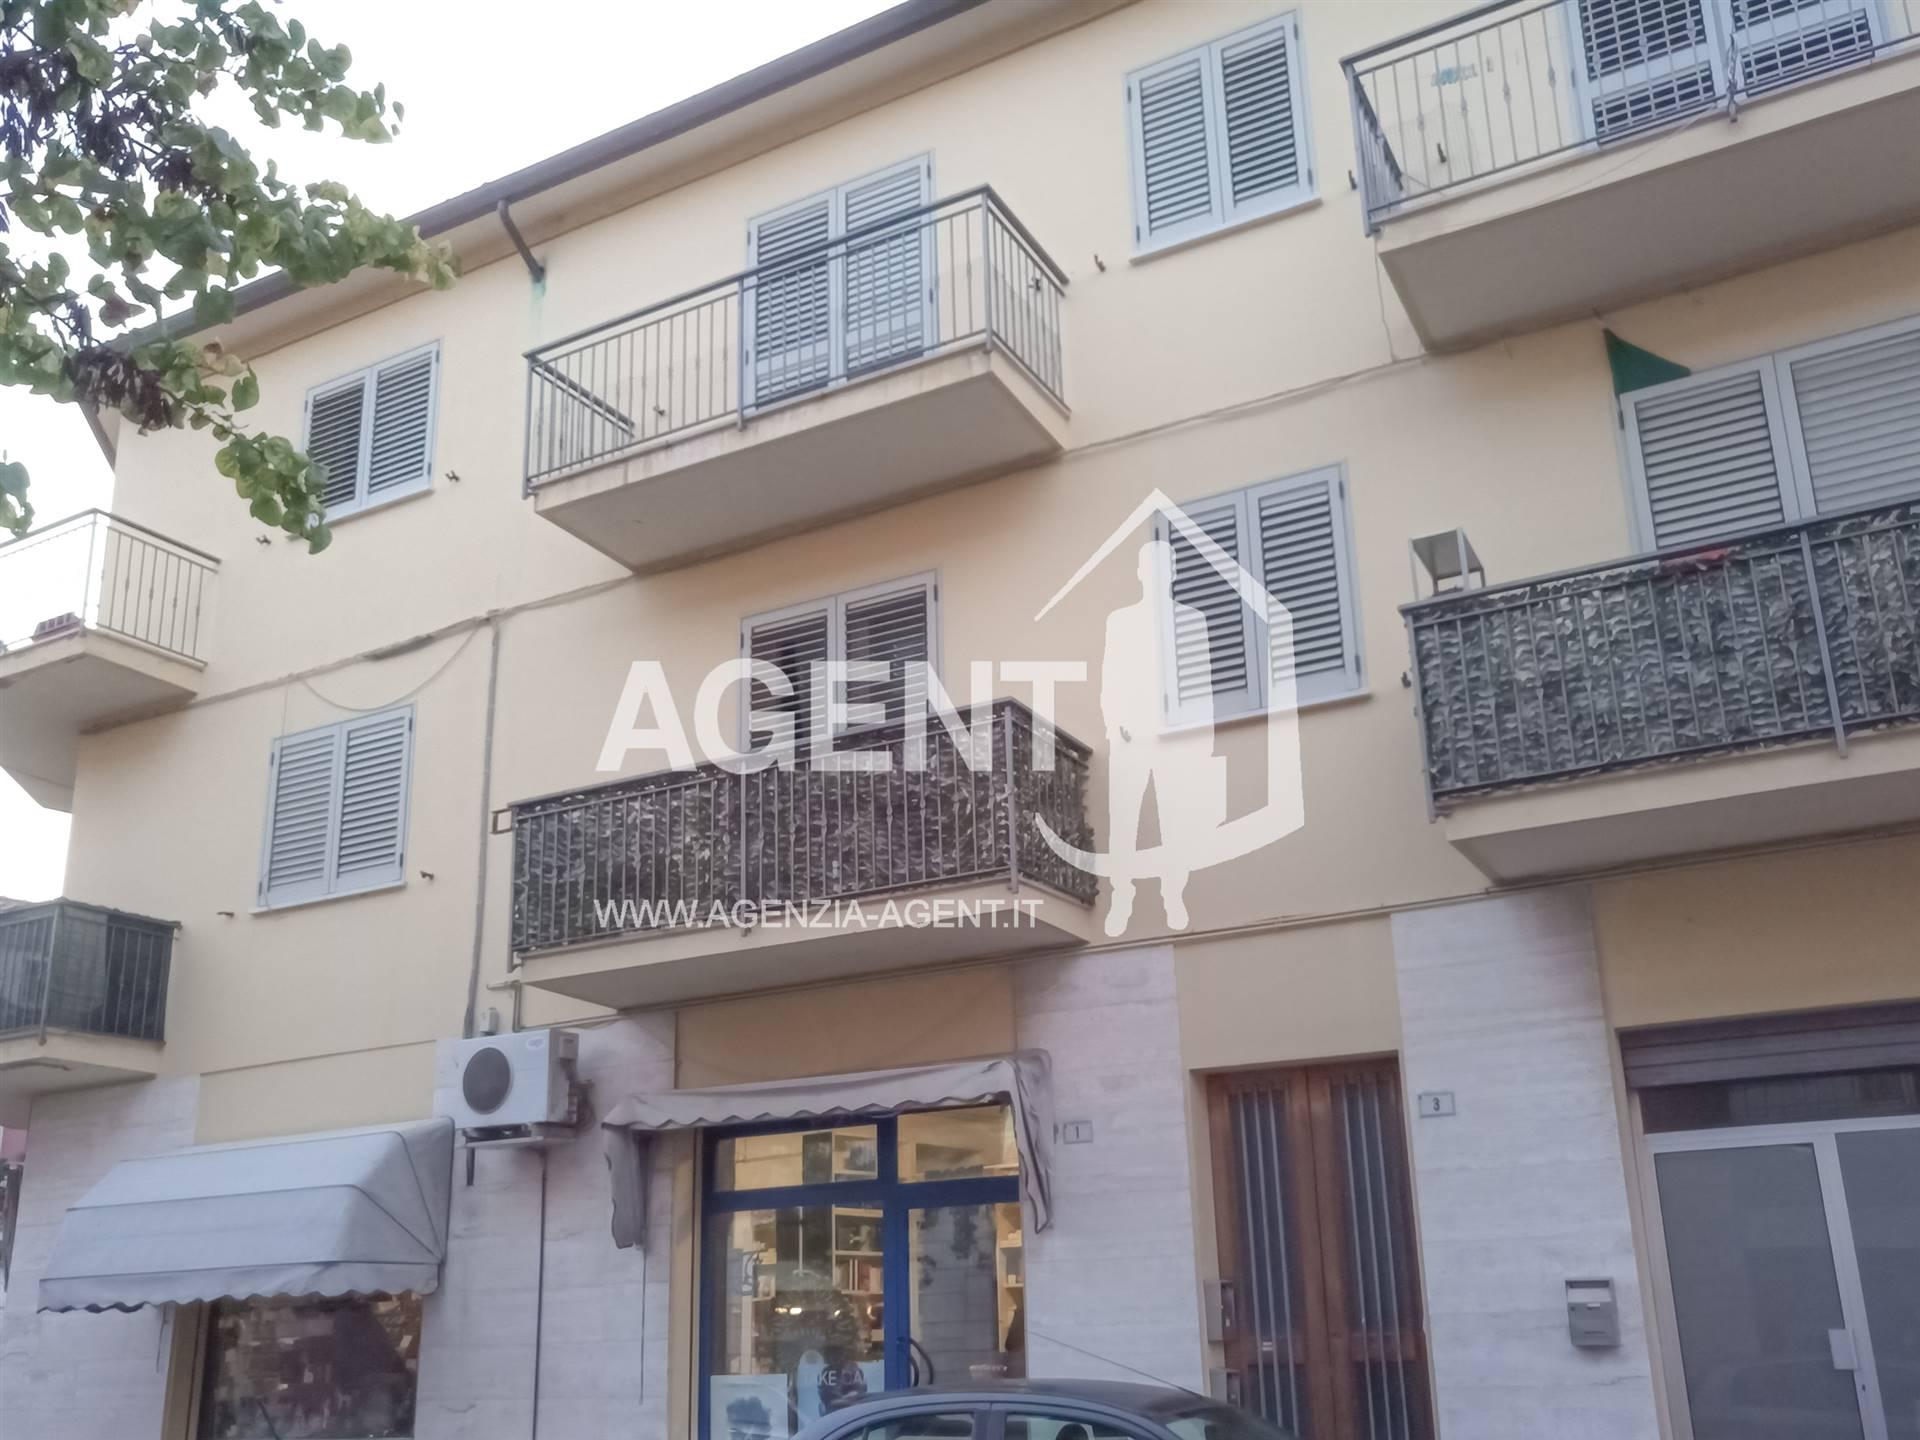 Negozio / Locale in vendita a Conselice, 2 locali, prezzo € 38.000   CambioCasa.it